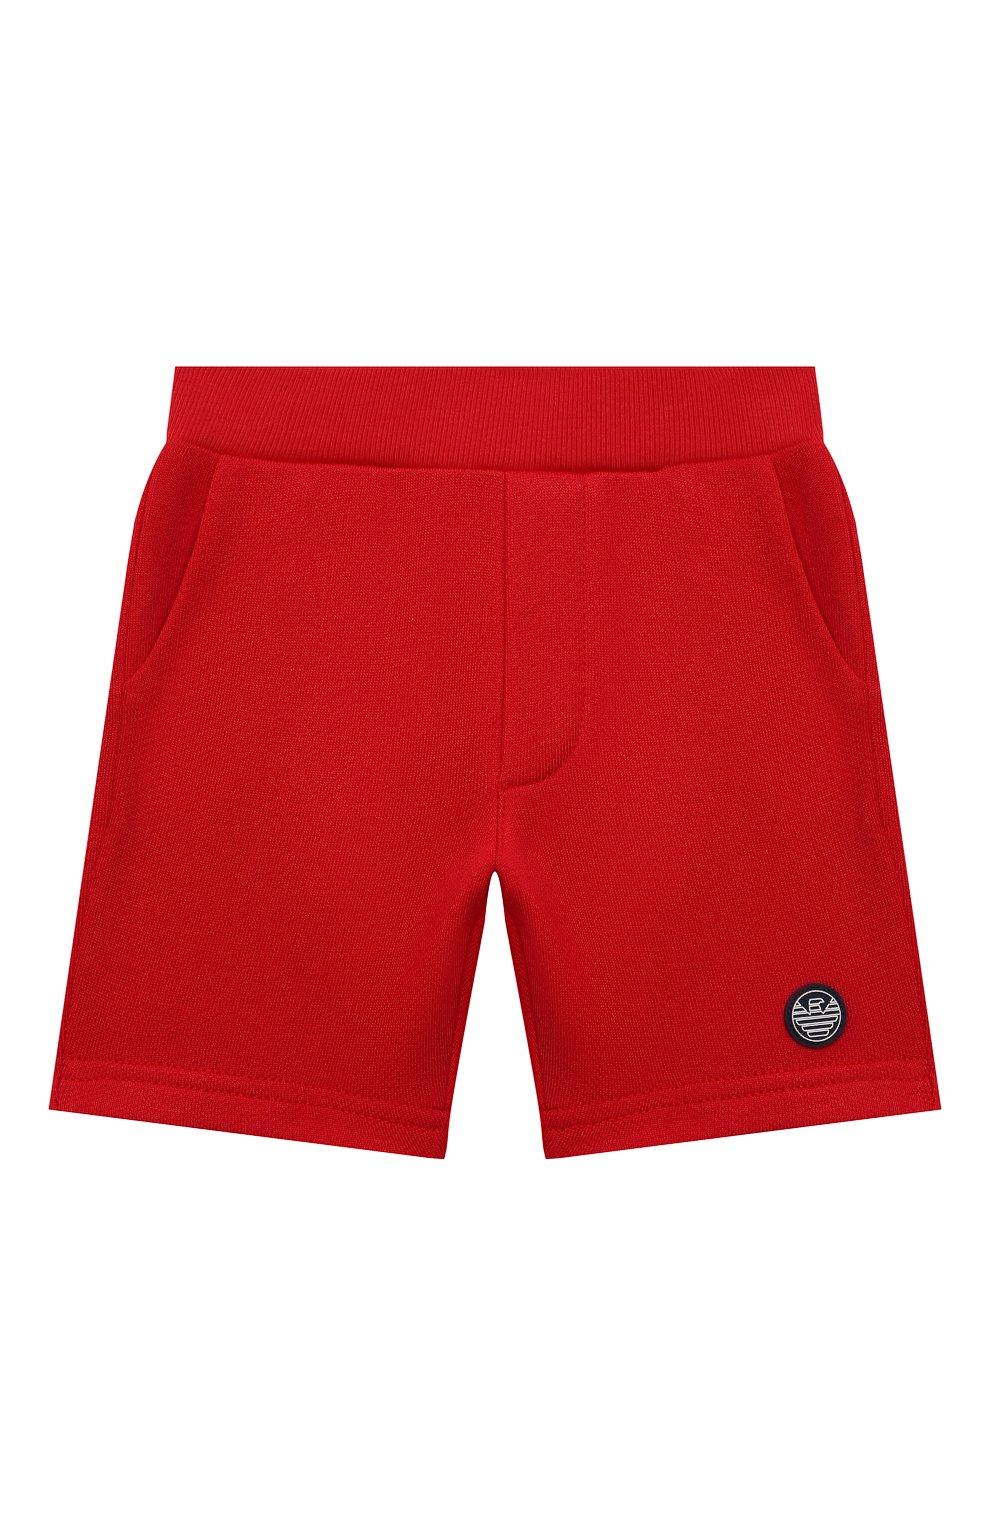 Детские шорты EMPORIO ARMANI красного цвета, арт. 3KHSJ3/4J4IZ   Фото 1